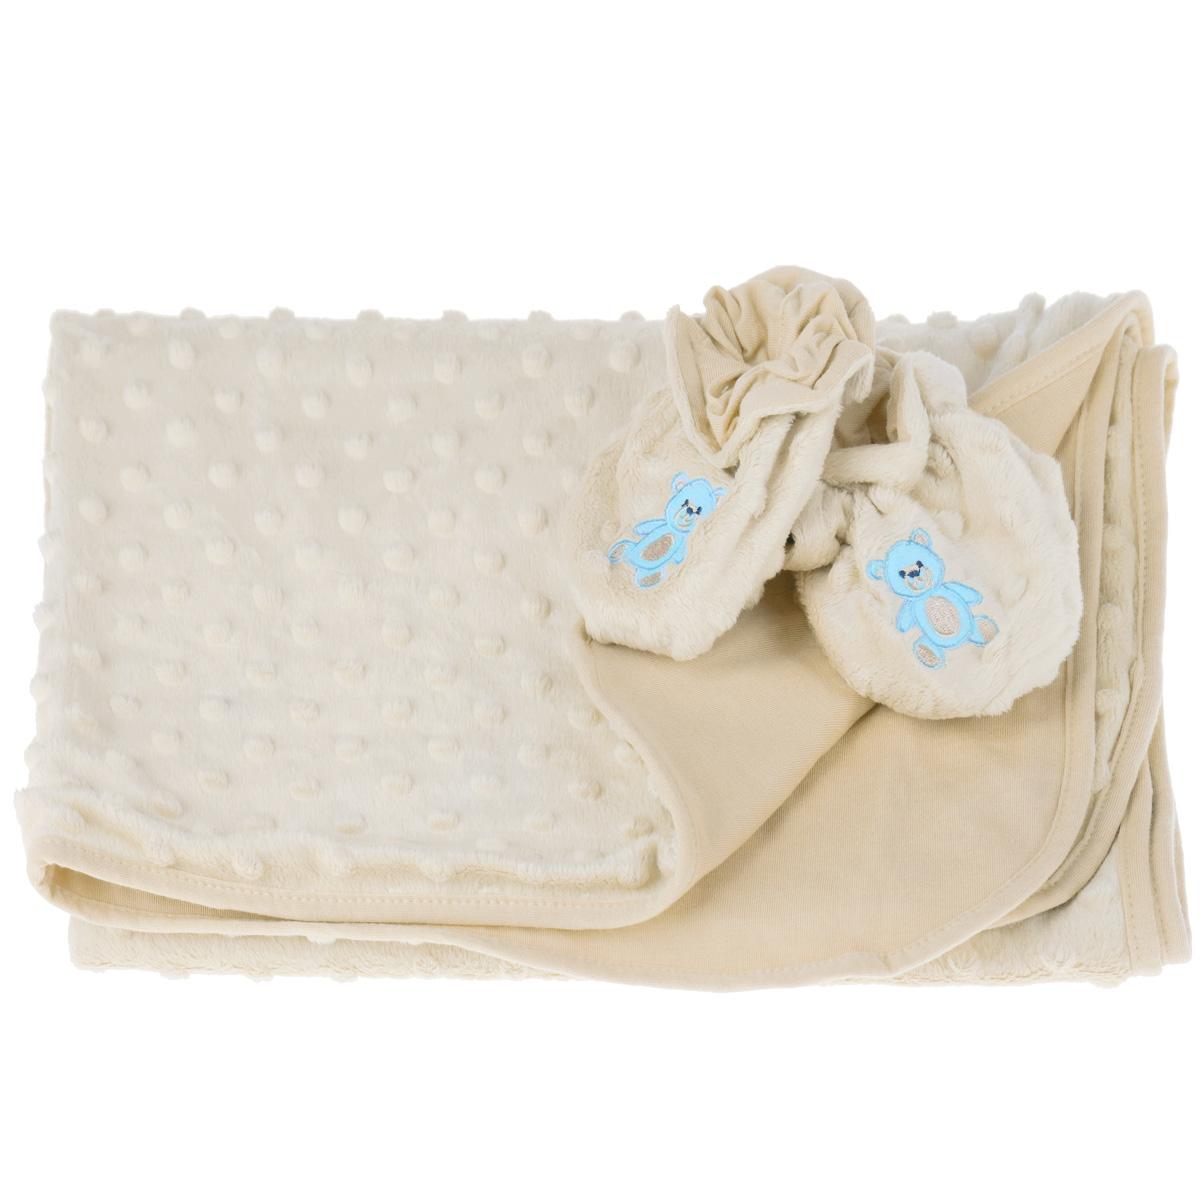 Набор детский Baby Nice: покрывало, пинетки, цвет: бежевый521901Детский набор Baby Nice в коляску, состоит из одеяла и пинеток. Набор изготовлен из экологичных материалов: верх изготовлен из ткани нового поколения Micro Velour, обладающей терморегулирующими и влагорегулирующими свойствами, подкладка - 100% натуральный хлопчатобумажный трикотаж. Пинетки украшены небольшой вышивкой в виде мишек. Они дышащие, из легкой воздухопроницаемой ткани, и сохраняющие тепло, что не позволят замерзнуть ножкам ребенка. Мама малыша, укрытого потрясающе мягким, необыкновенно легким и исключительно теплым одеялом, может быть спокойна за покой и комфортный сон своего ребенка на прогулке, на свежем воздухе. Набор окрашен гипоаллергенными красителями. Размер одеяла: 70 см х 98 см. Пинетки для детей от 0 до 3 лет.